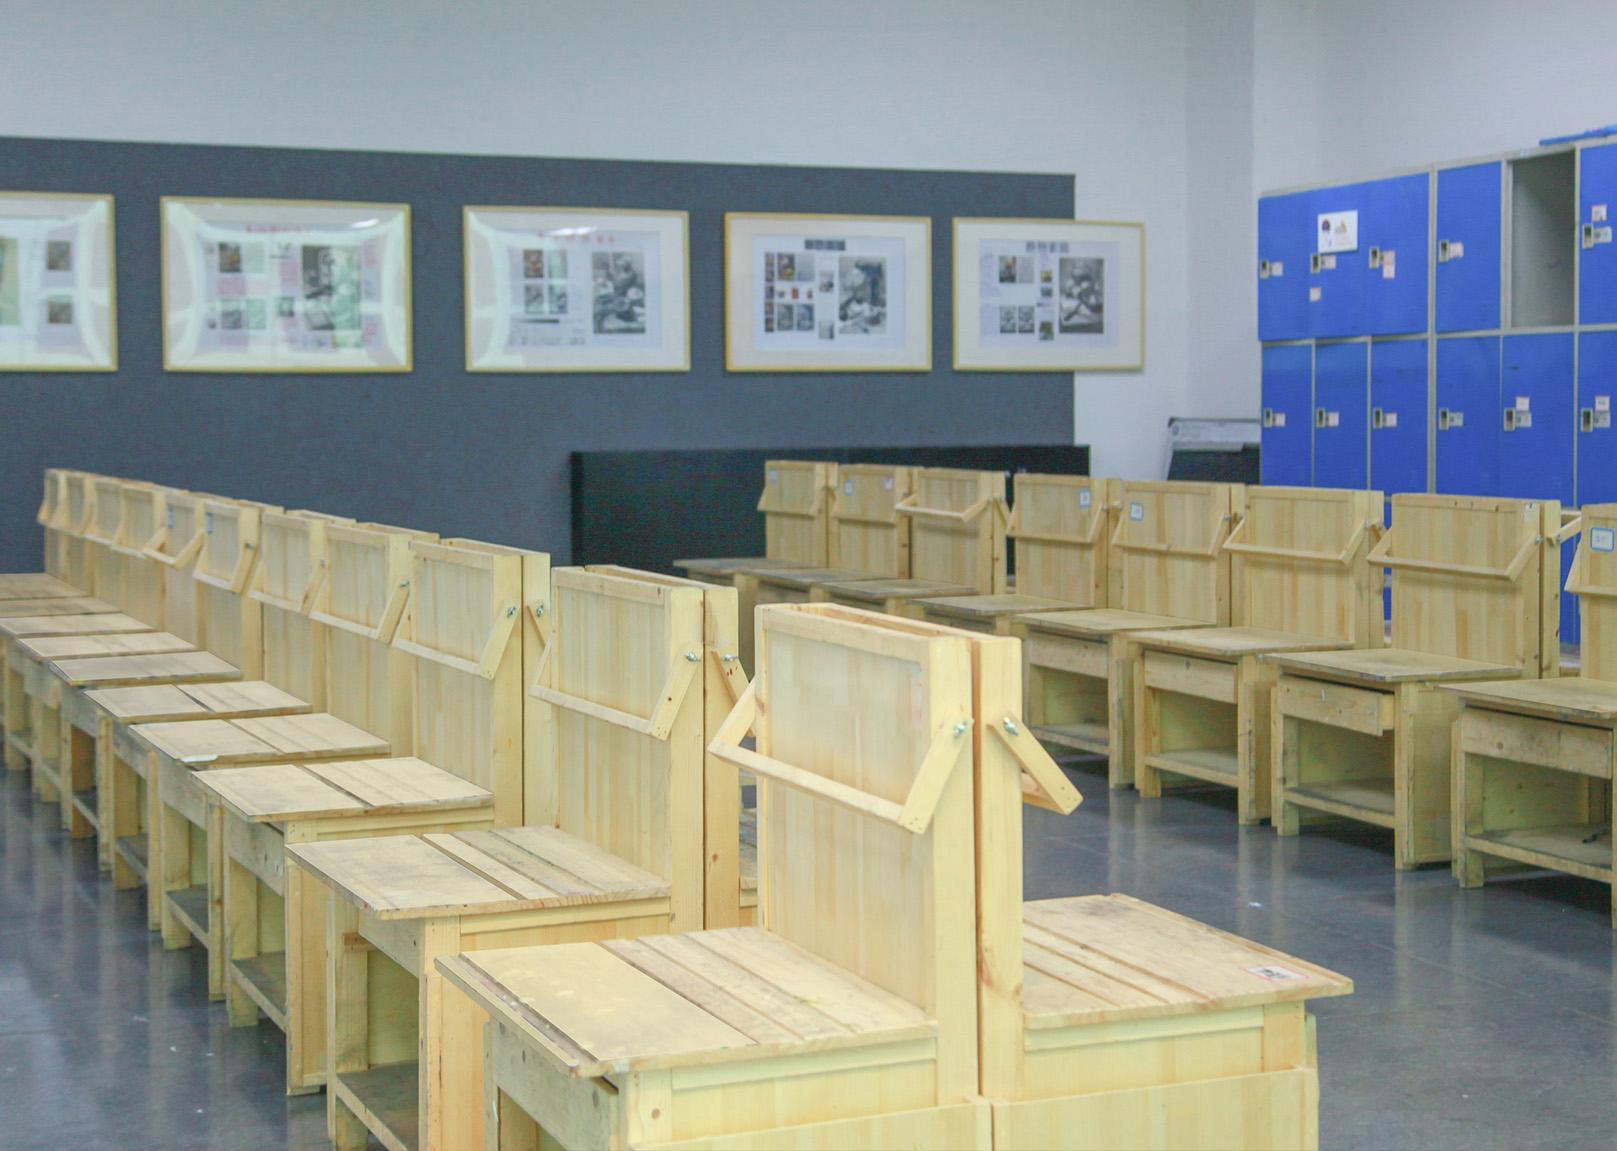 广州画室课室,广州美术培训班课室,广州围墙画室课室